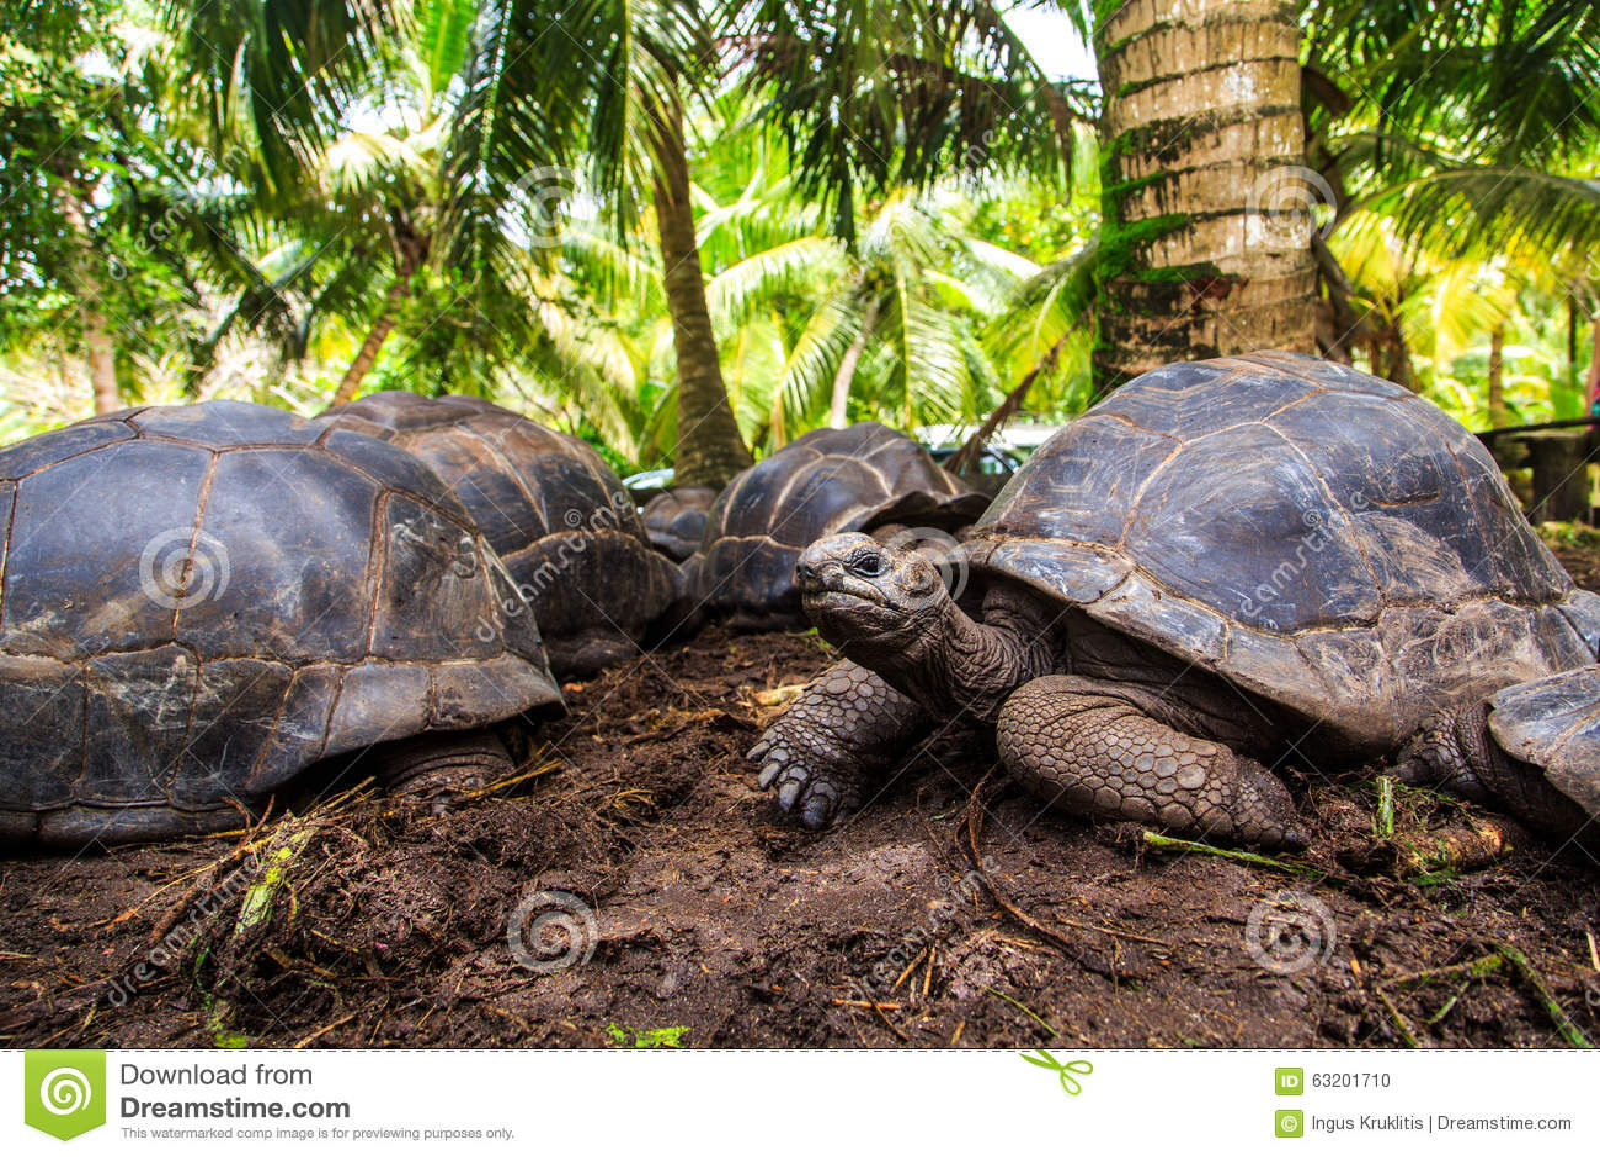 Drei riesige Schildkröten